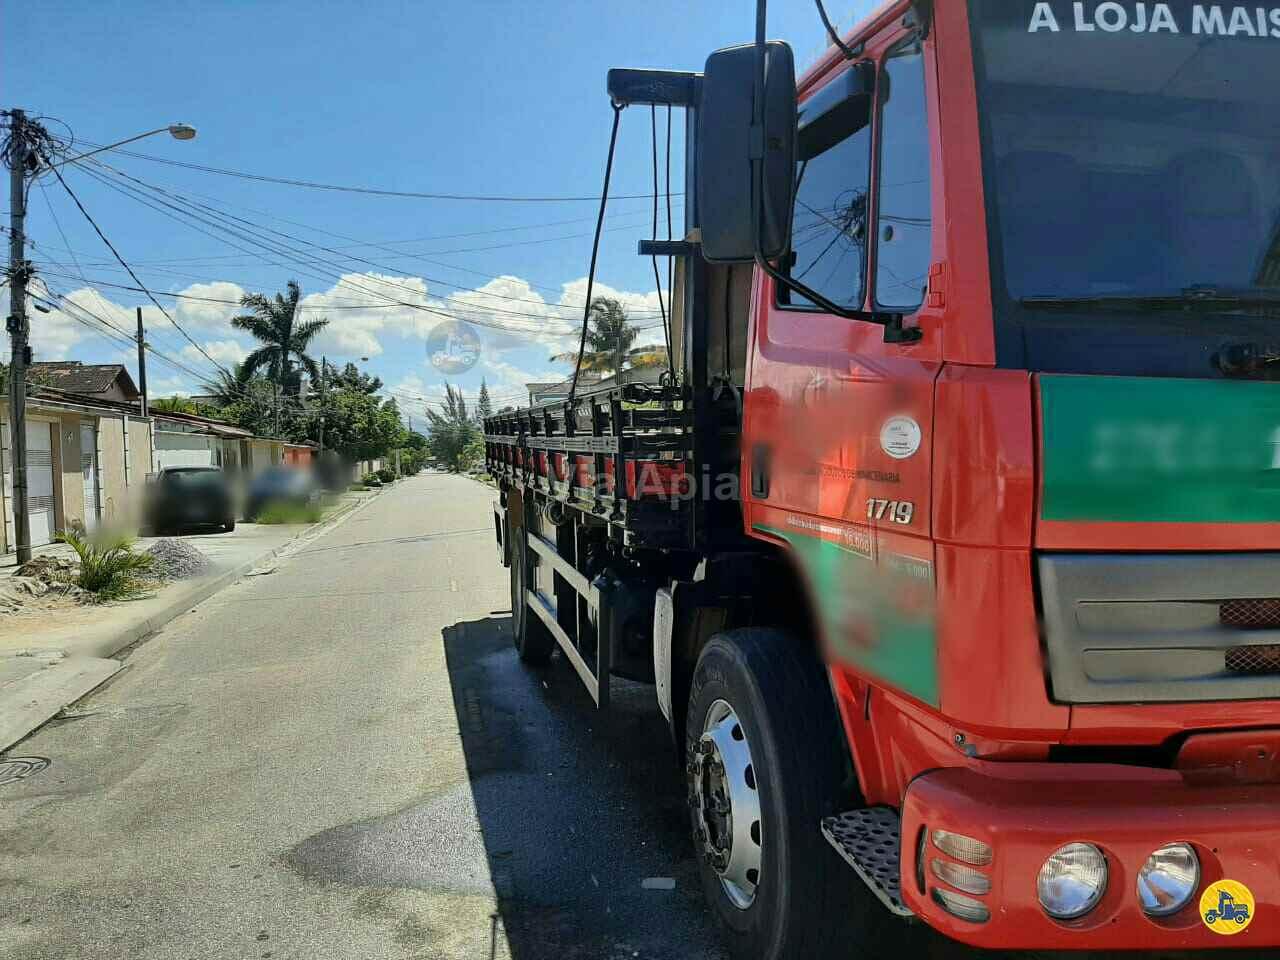 CAMINHAO MERCEDES-BENZ MB 1719 Carga Seca Toco 4x2 Via Ápia Caminhões SAO PAULO SÃO PAULO SP